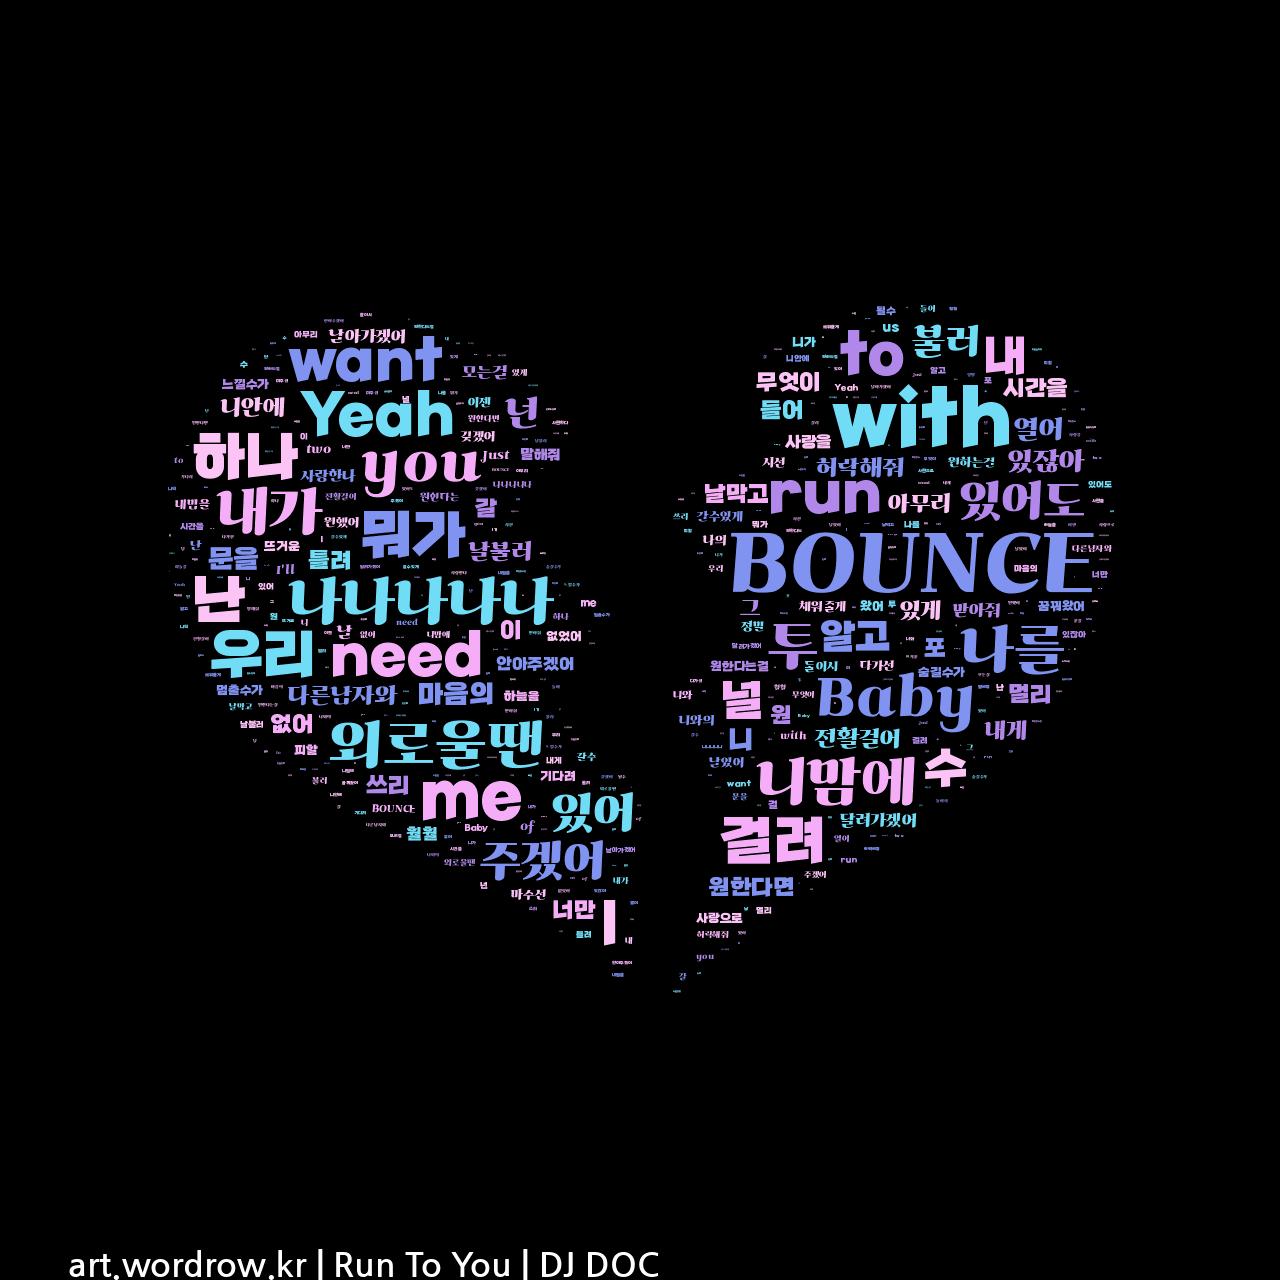 워드 클라우드: Run To You [DJ DOC]-76